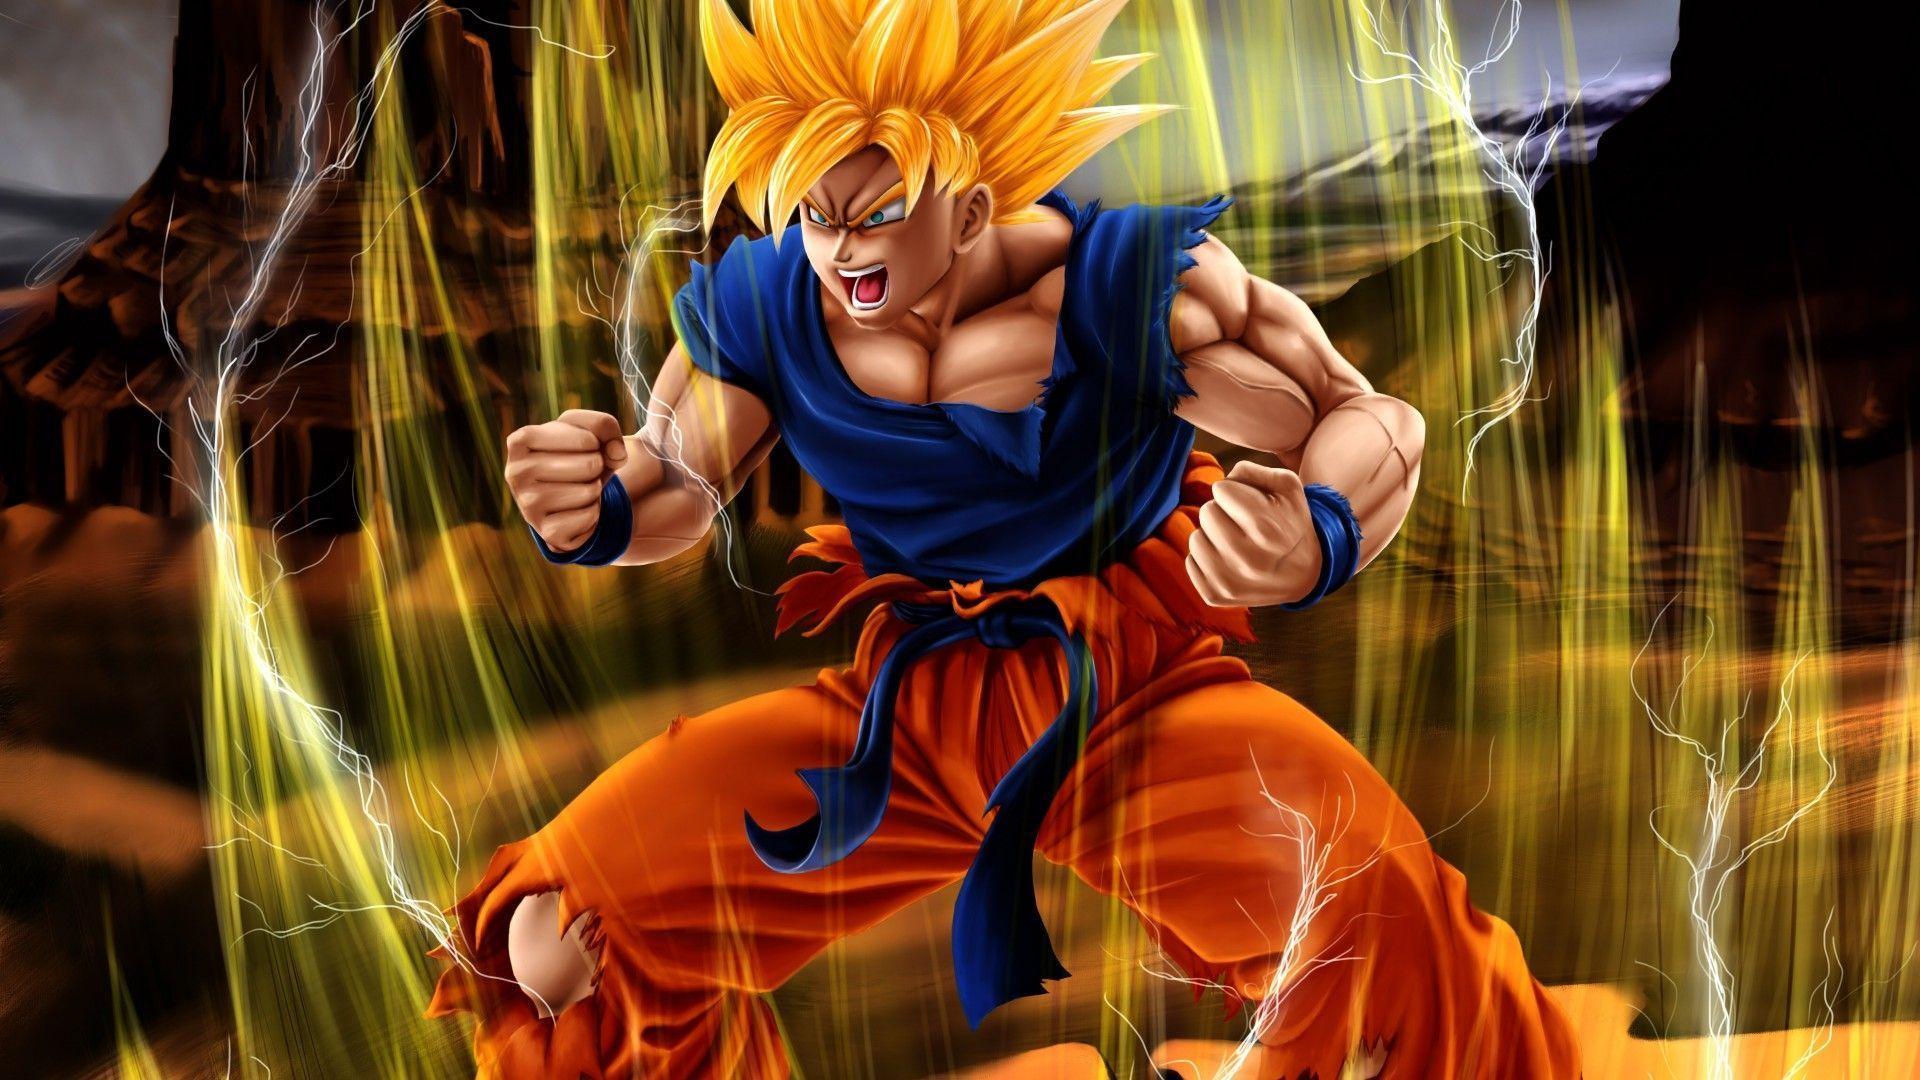 wallpaper.wiki-HD-Goku-Dragon-Ball-Z-Wallpaper-